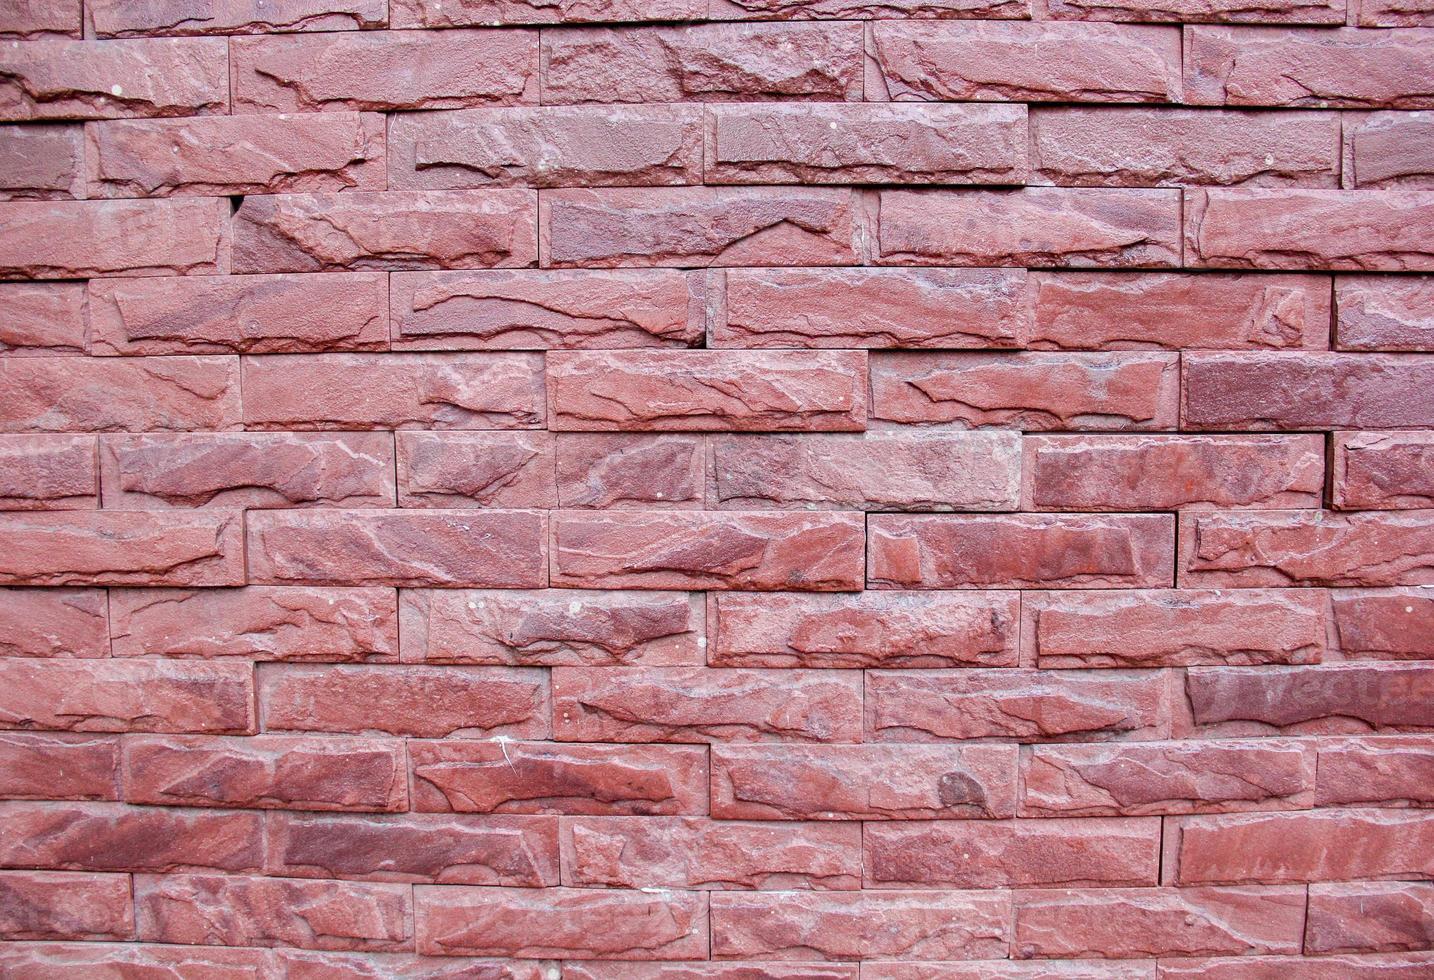 muro di mattoni rossi. foto